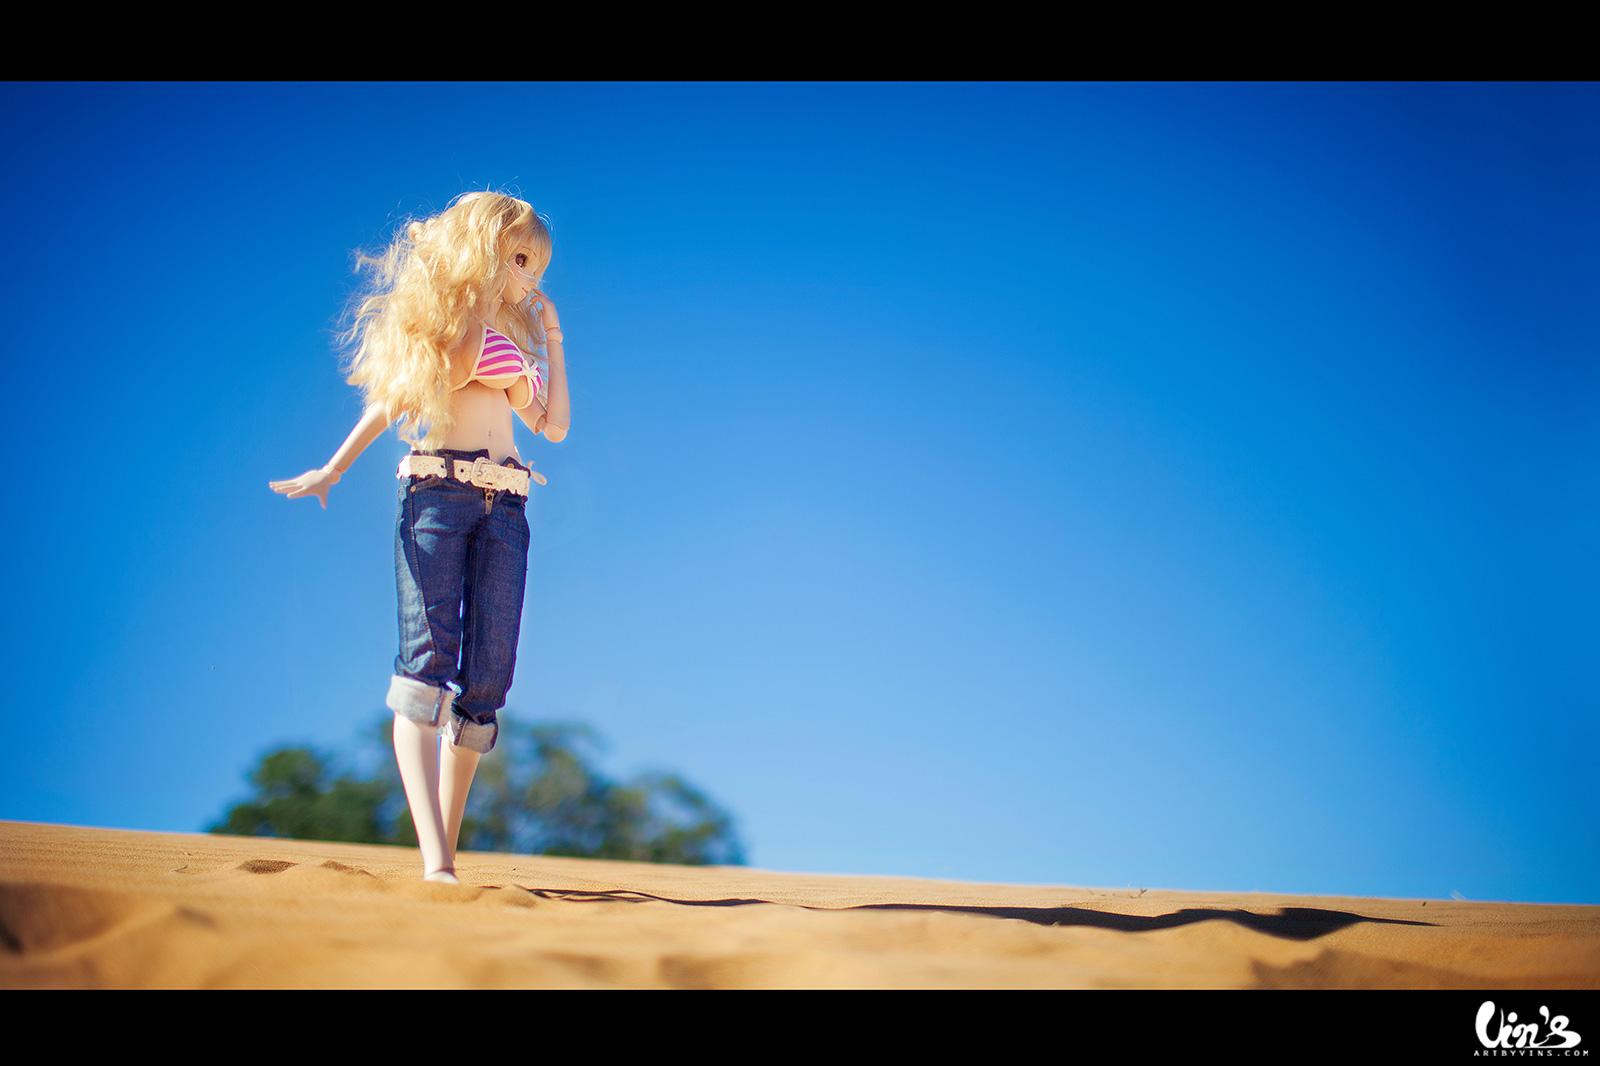 Wallpaper Anime Sand Sky Photography Blue Sun Desert